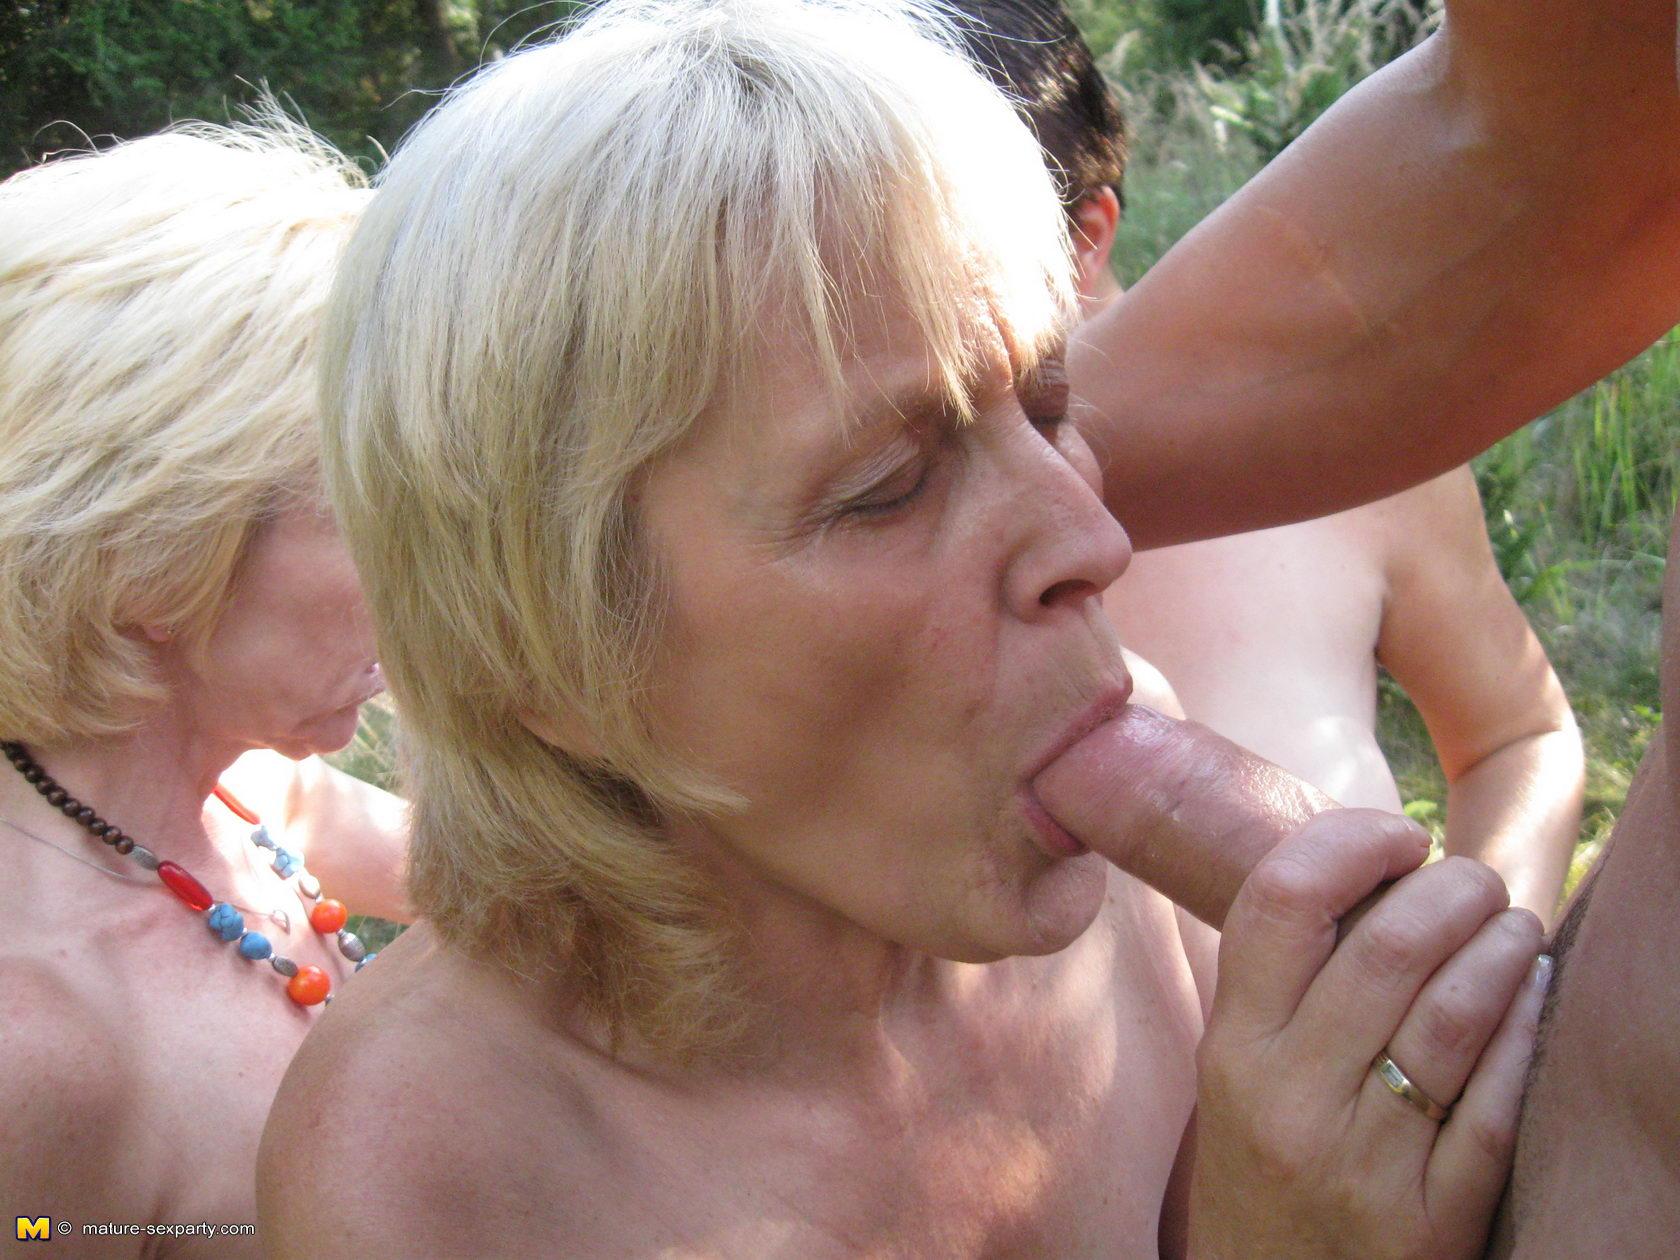 Секс co зрелыми женщинами на природе, Зрелую на природе -видео. Смотреть зрелую на 4 фотография